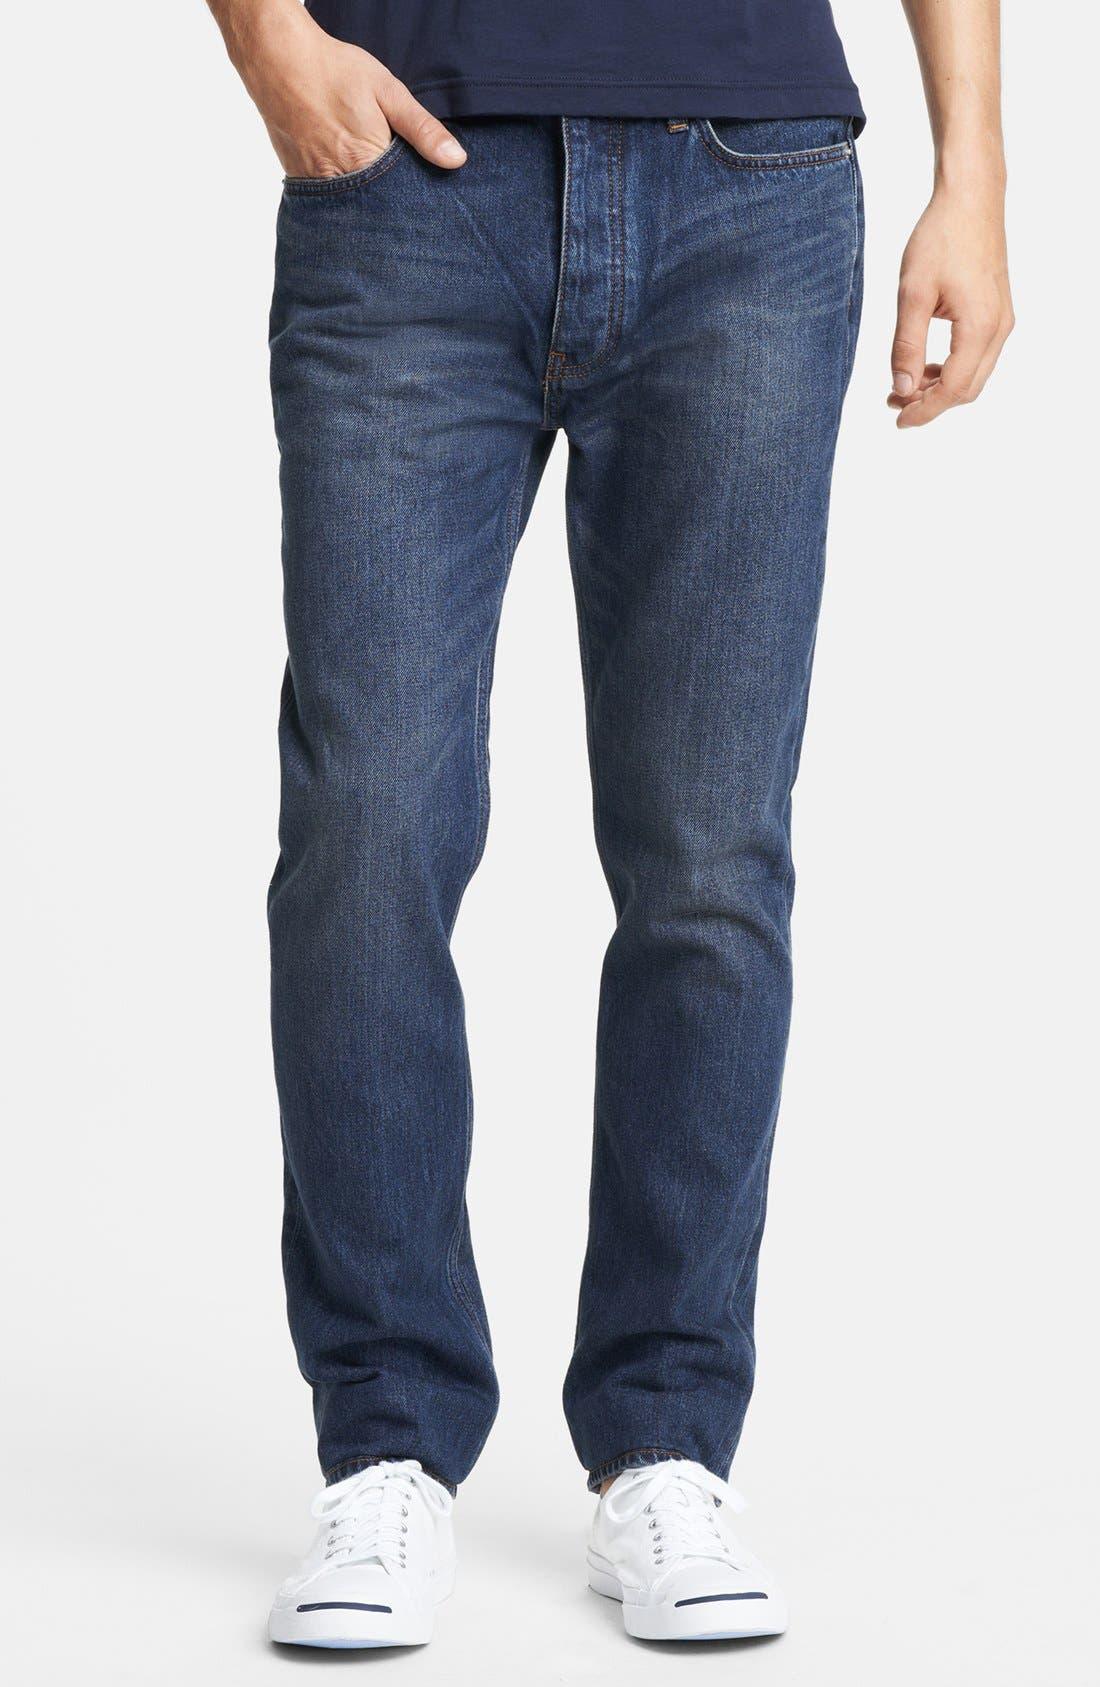 Main Image - BLK DNM 'Jeans 9' Straight Leg Jeans (Duane Blue)